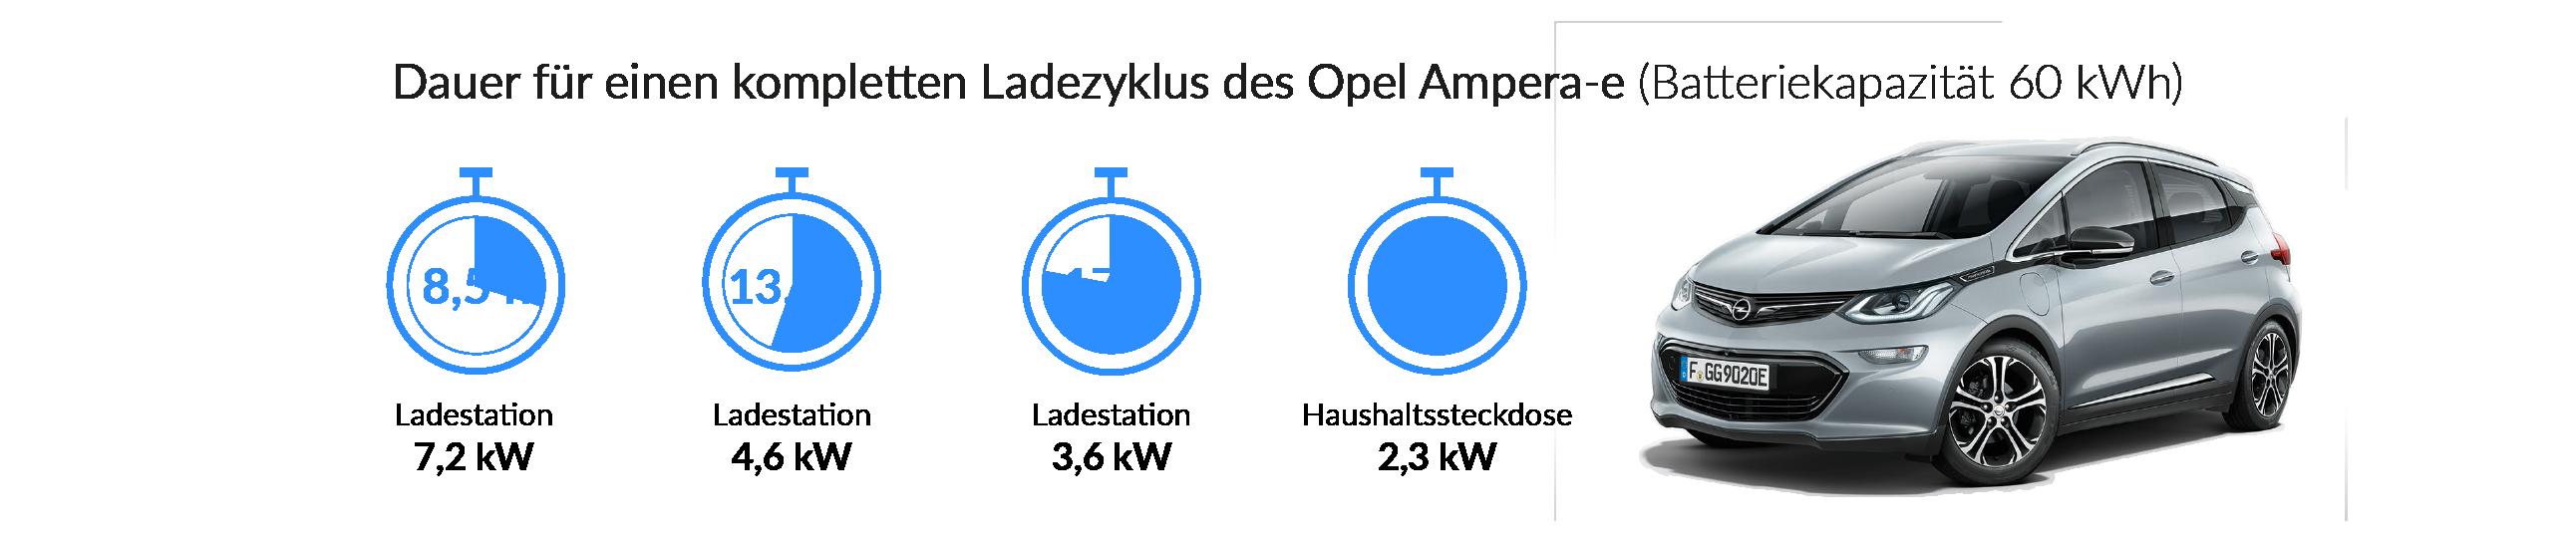 Ladezeiten des Opel Ampera-e